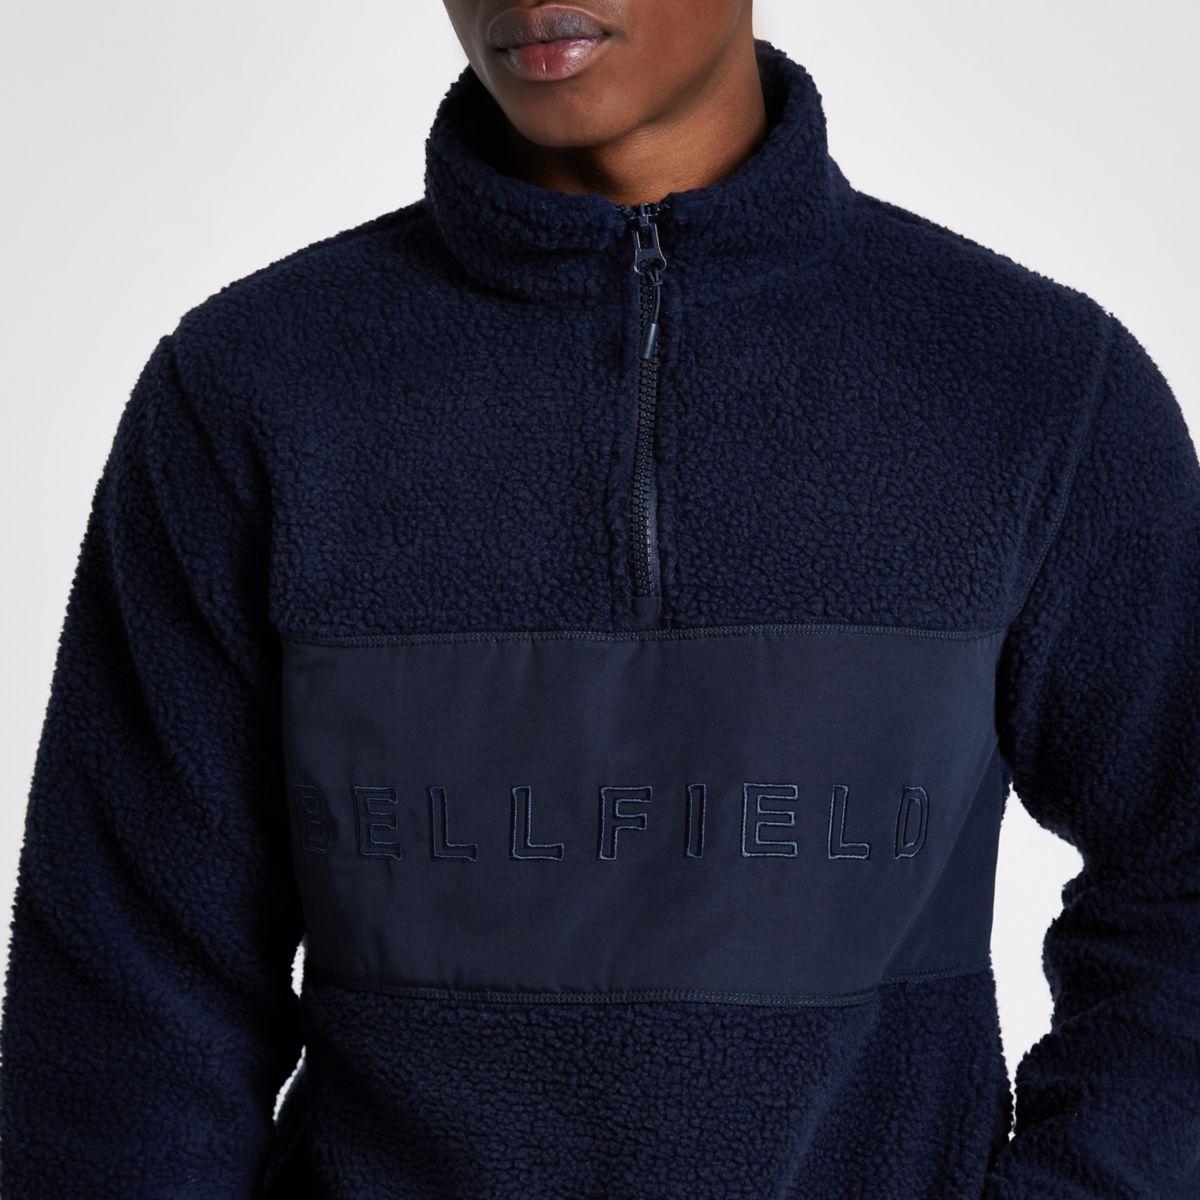 Bellfield navy pullover fleece jacket